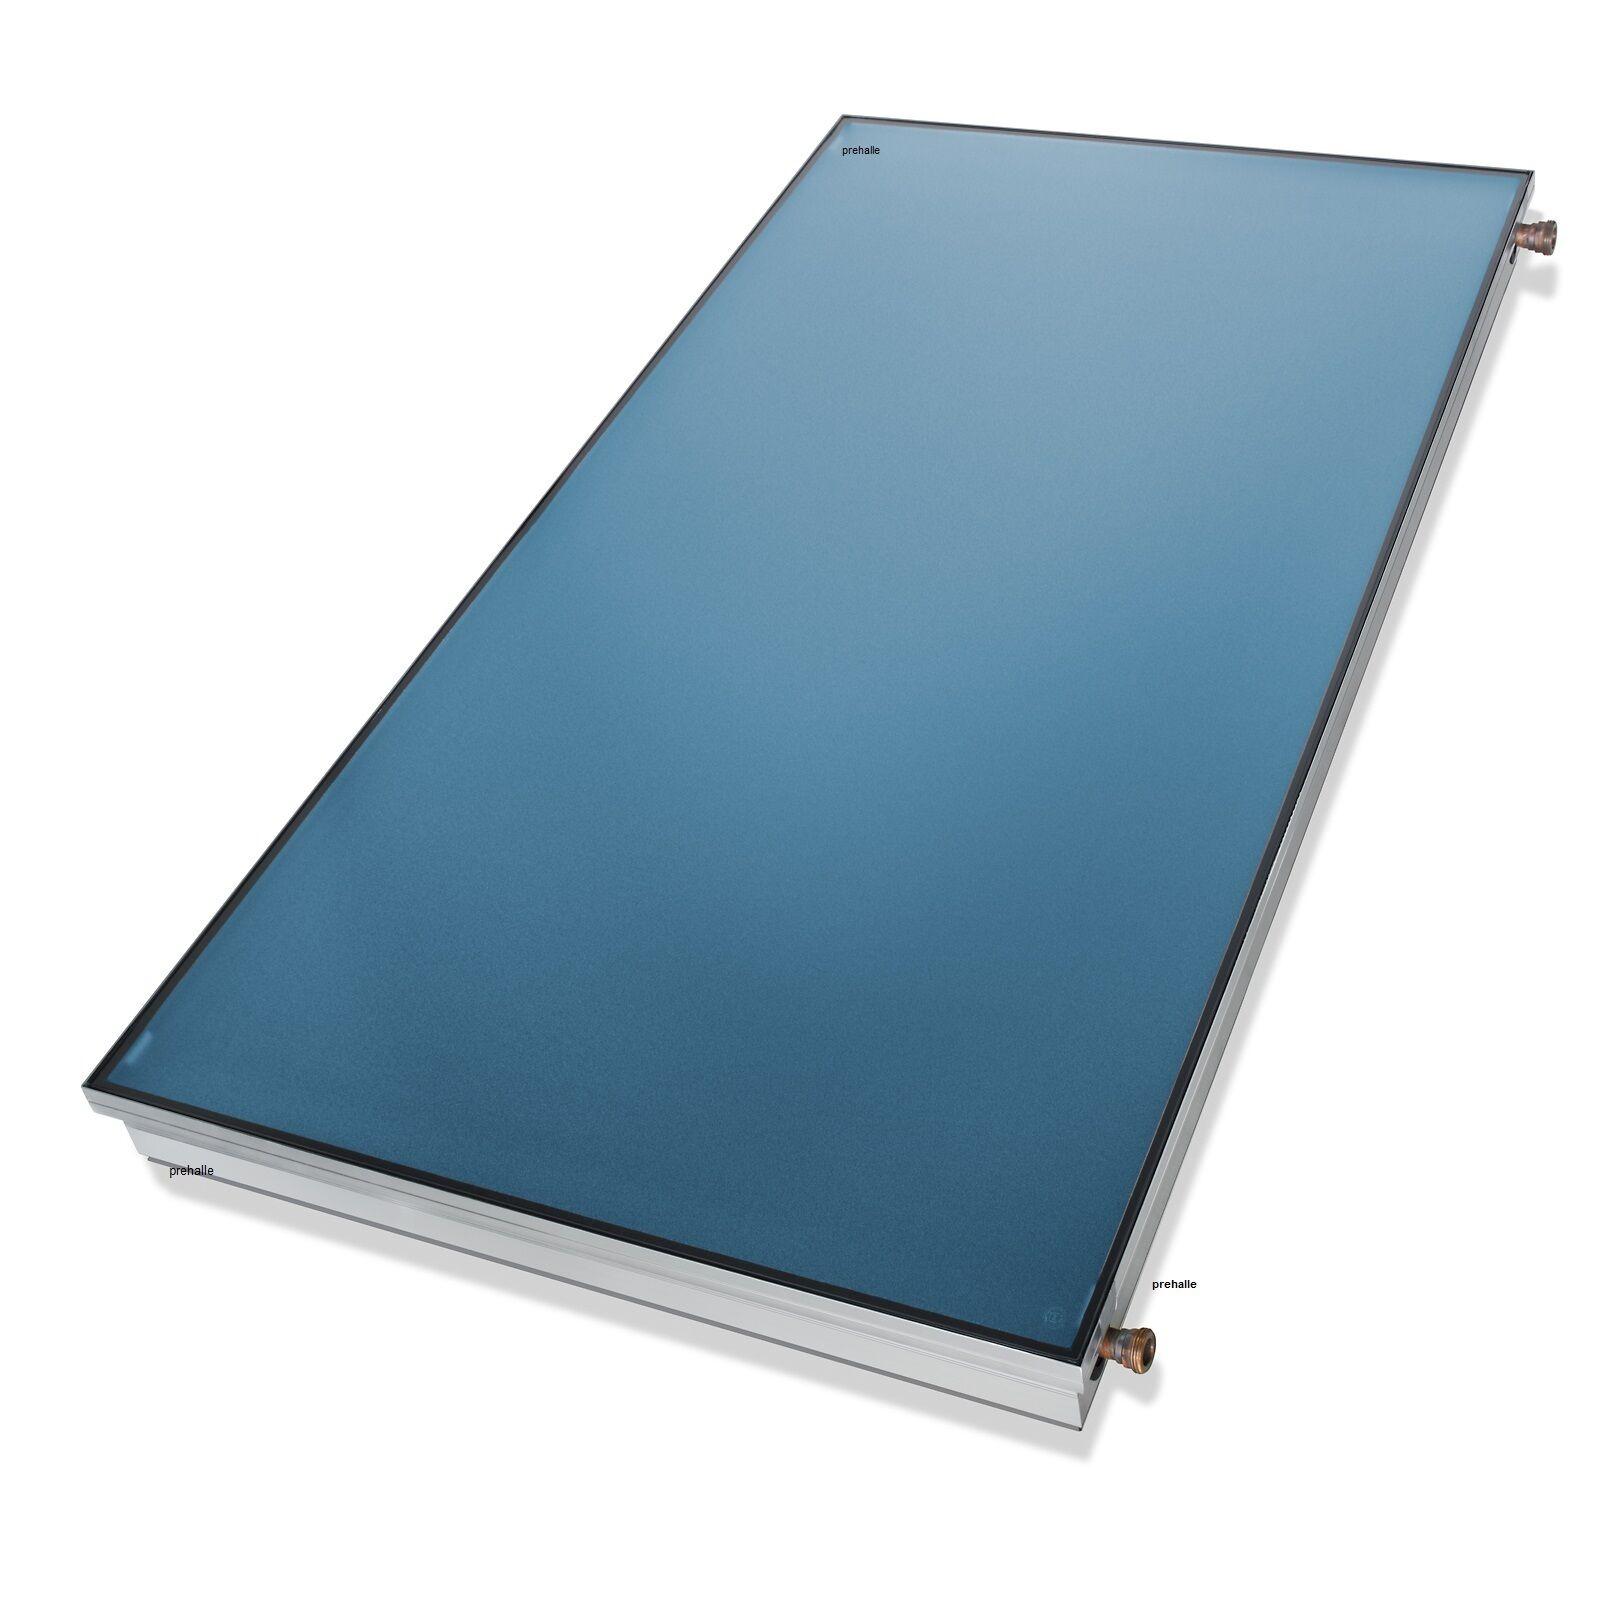 1A PRE 9,36m² Flachkollektor Solaranlage Solar Anlage für Warmwasser und Heizung